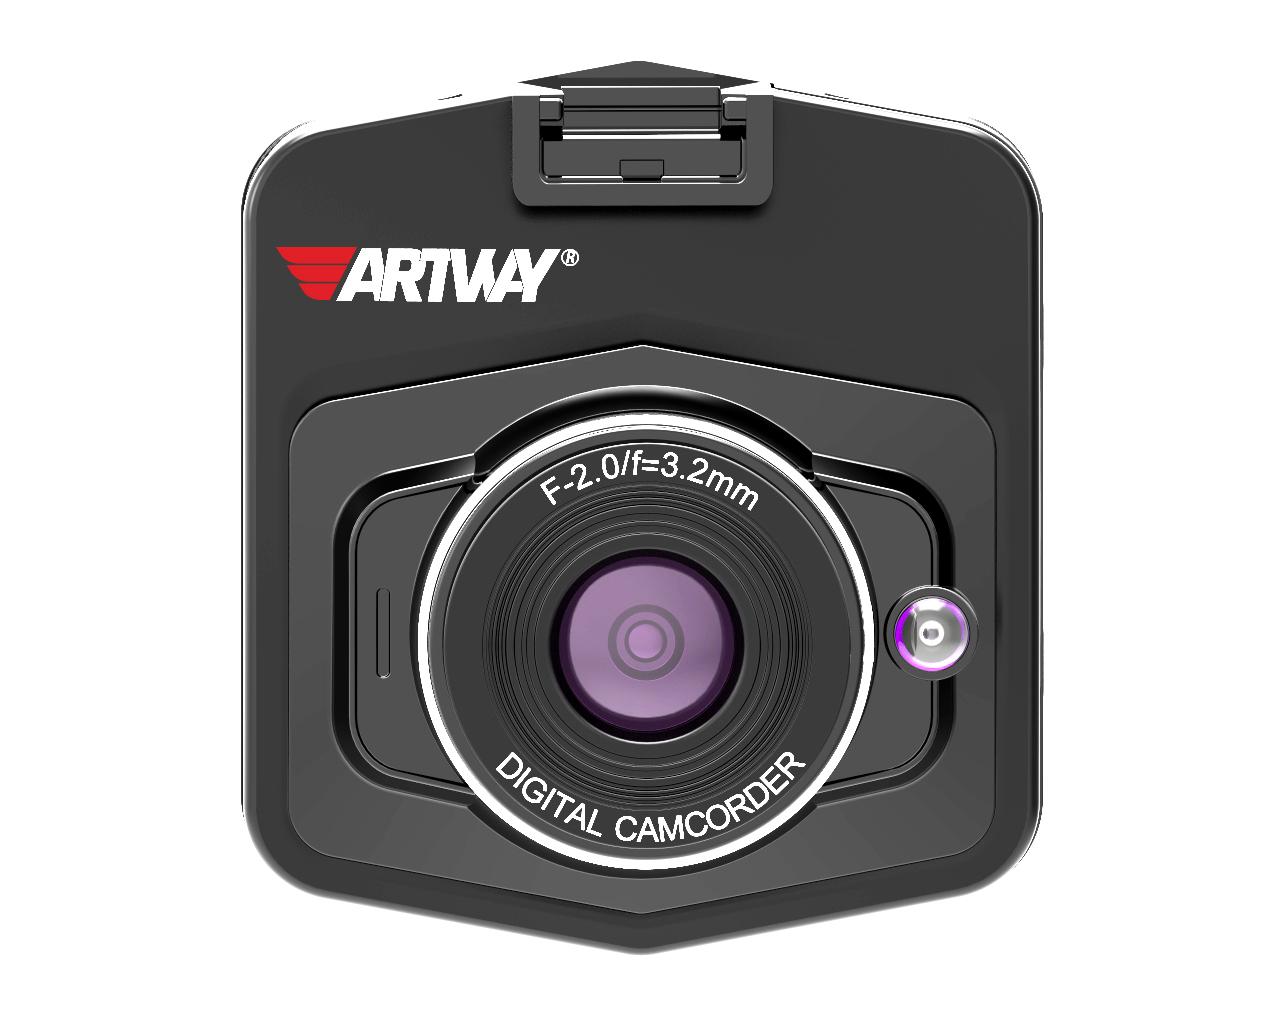 Видеорегистратор Artway AV-513 (+ Разветвитель в подарок!)